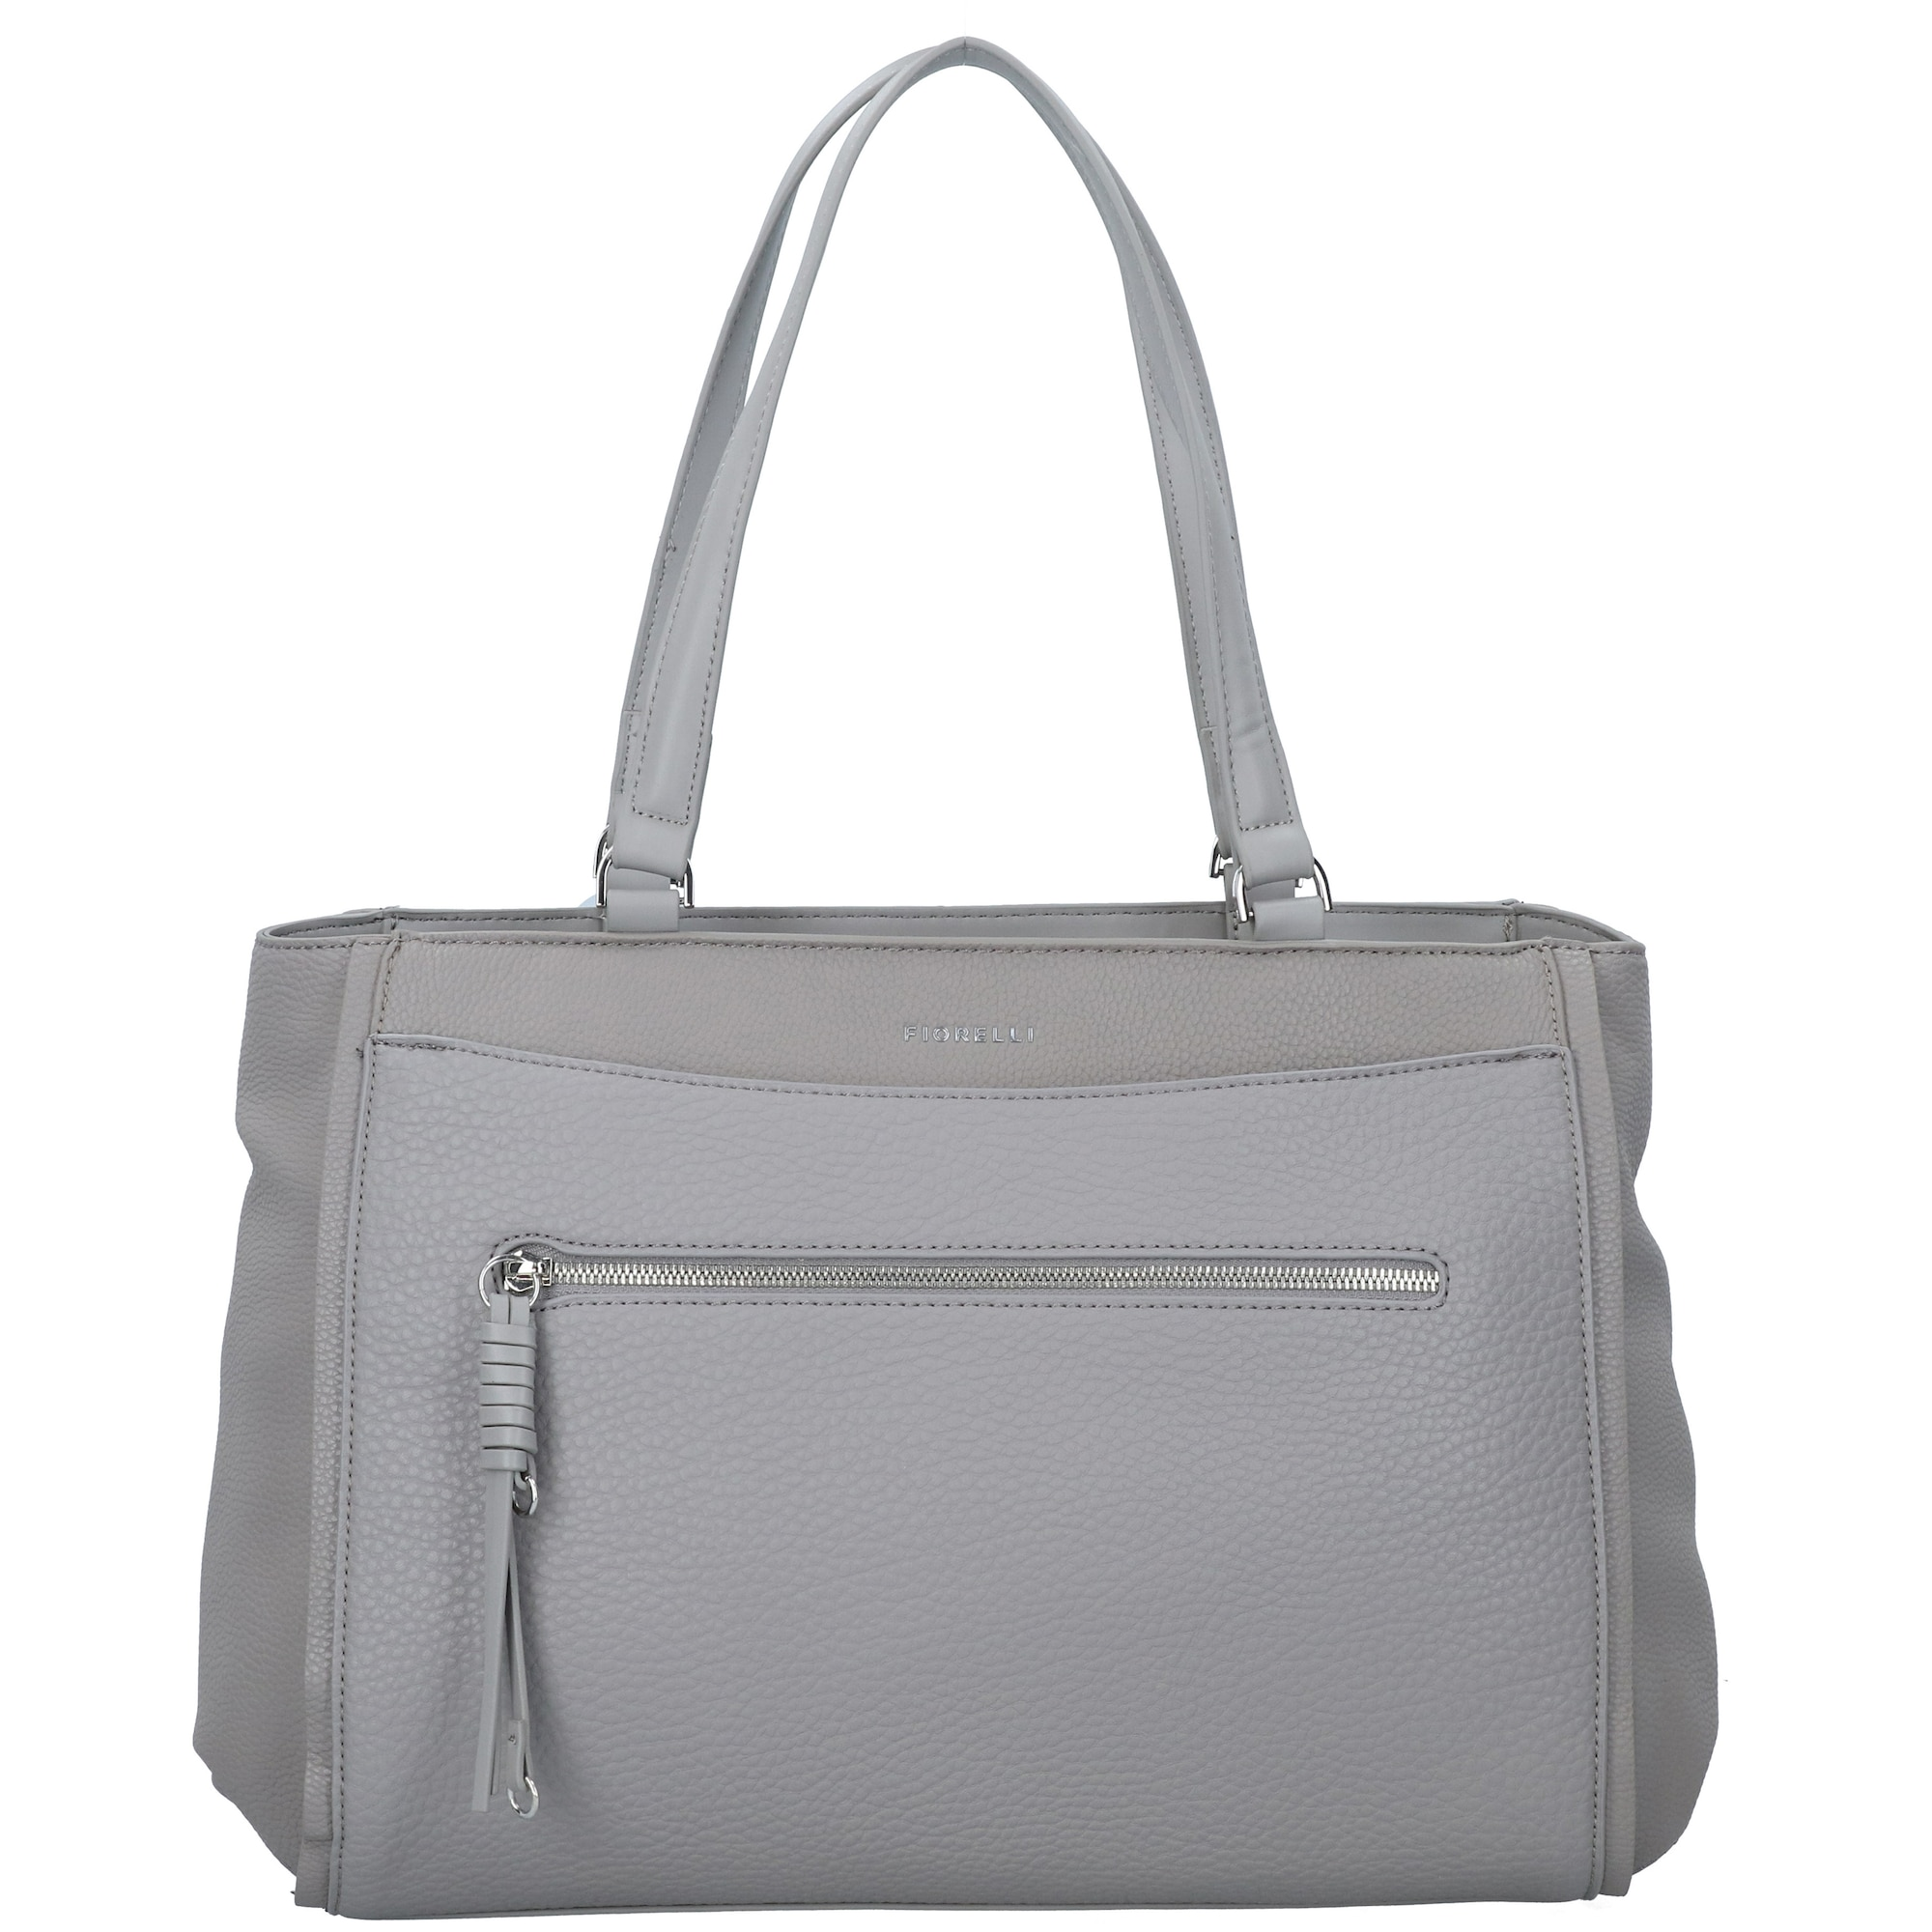 Schultertasche 'Finchley' | Taschen > Handtaschen > Schultertaschen | Fiorelli